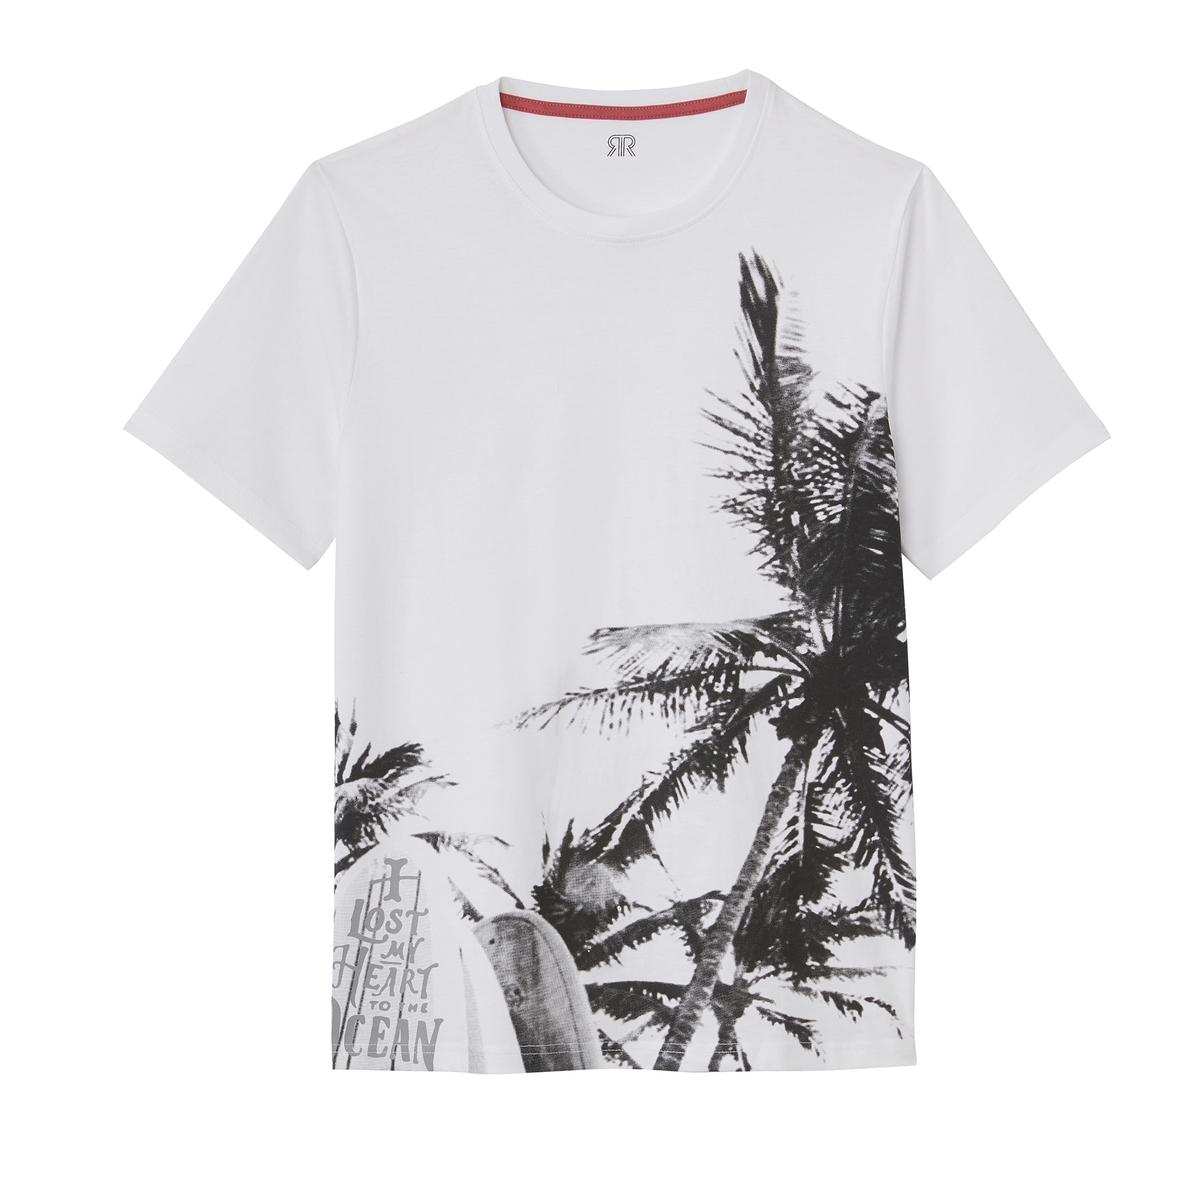 T-shirt de gola redonda, impressão fotográfica, mangas curtas